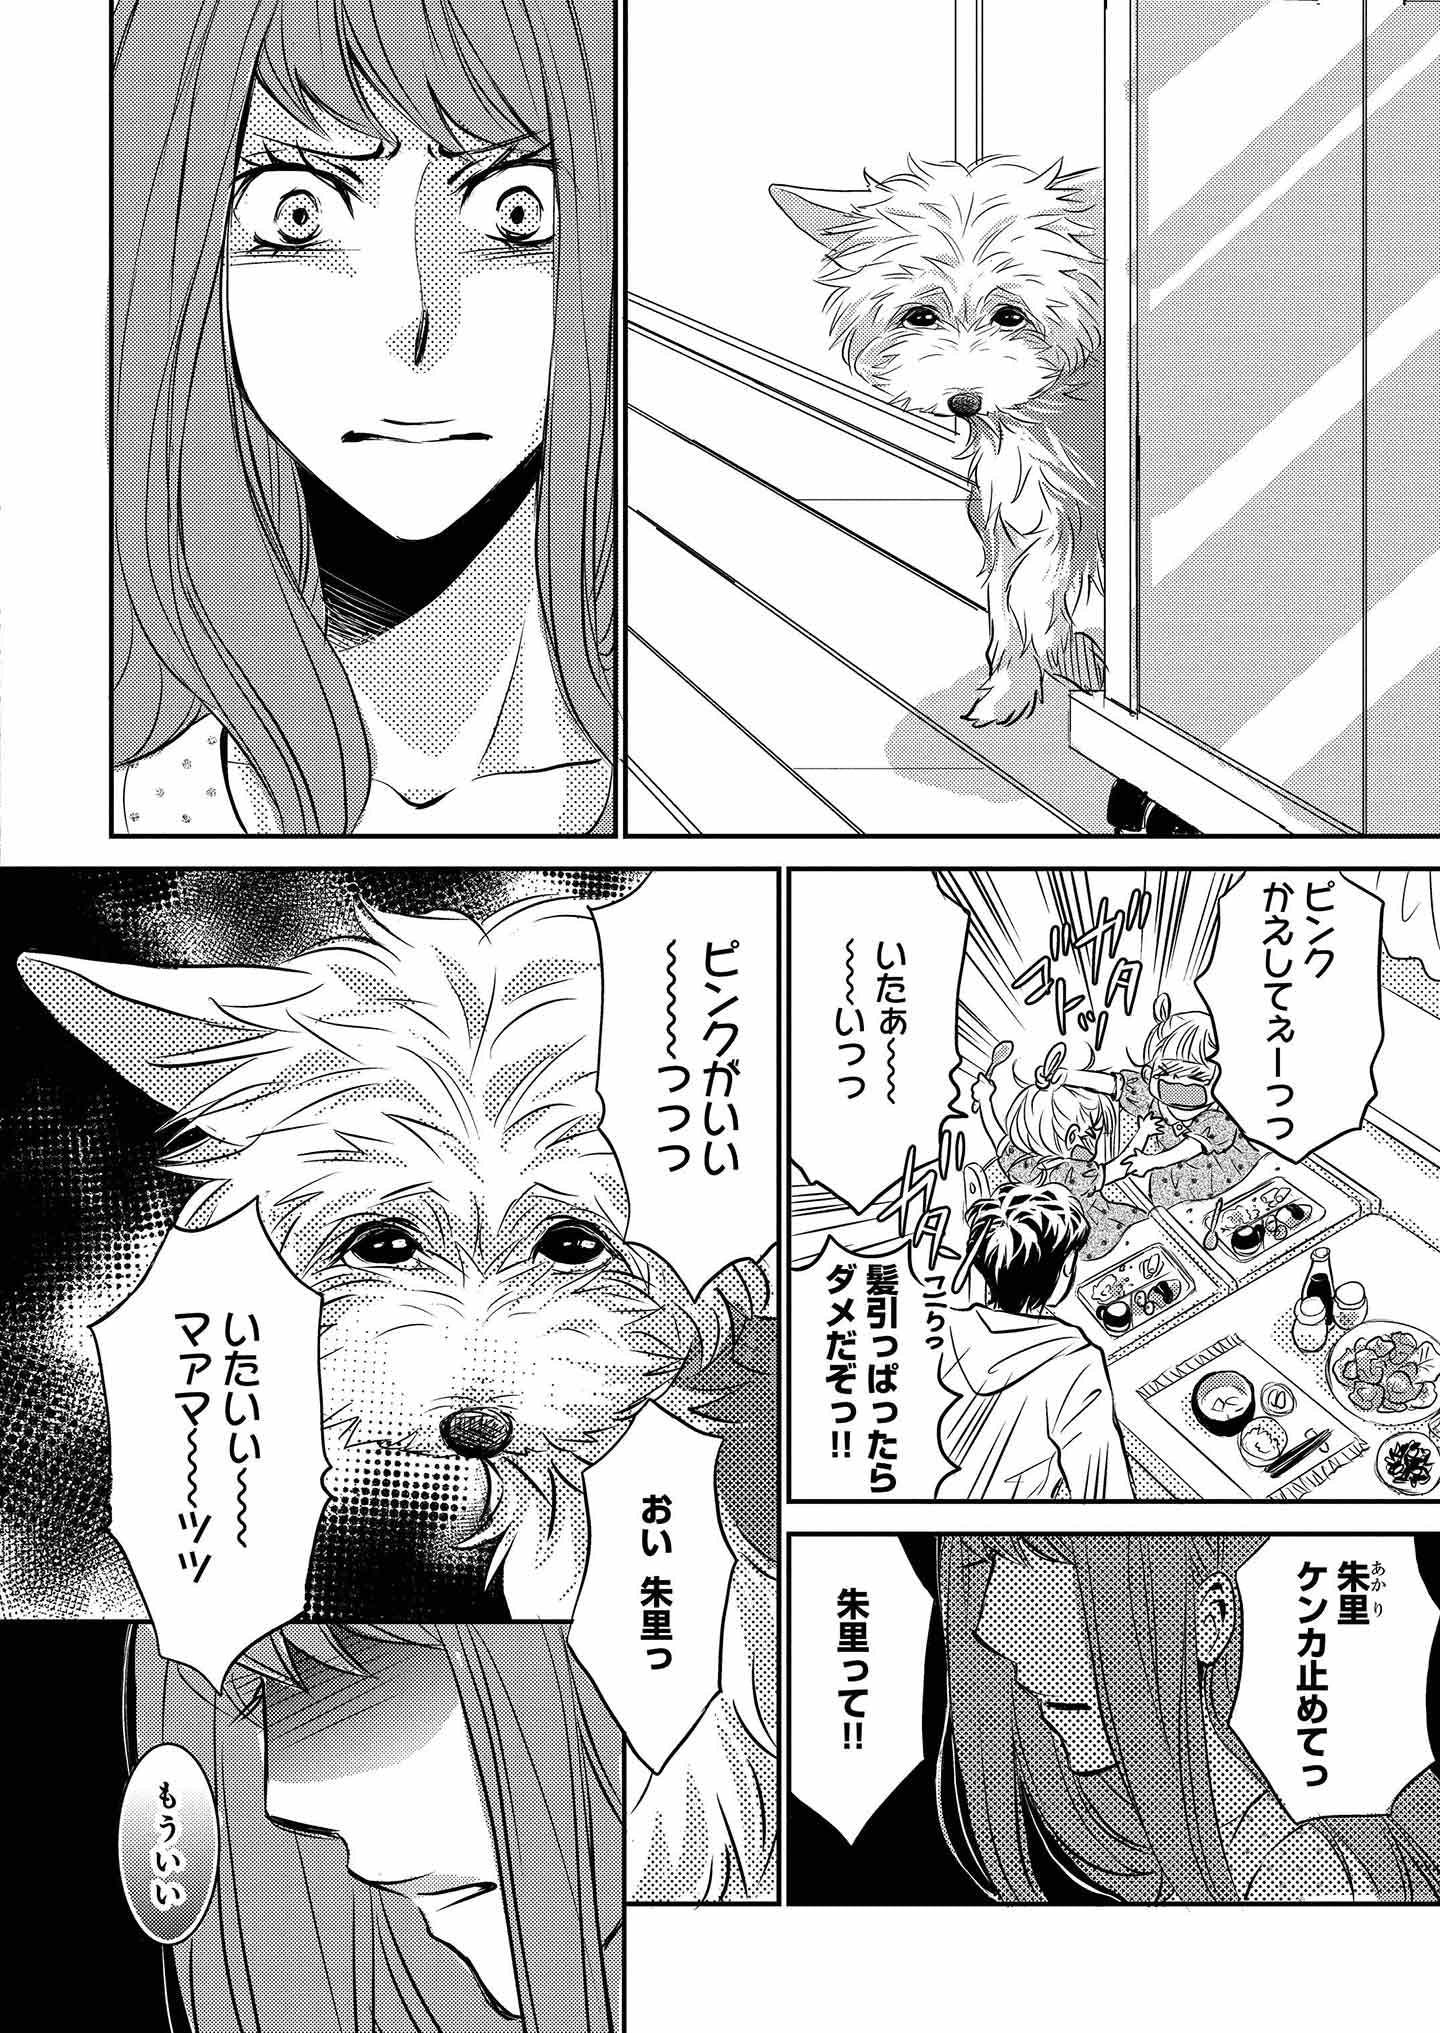 『DOG SIGNAL』13話目② 5ページ目